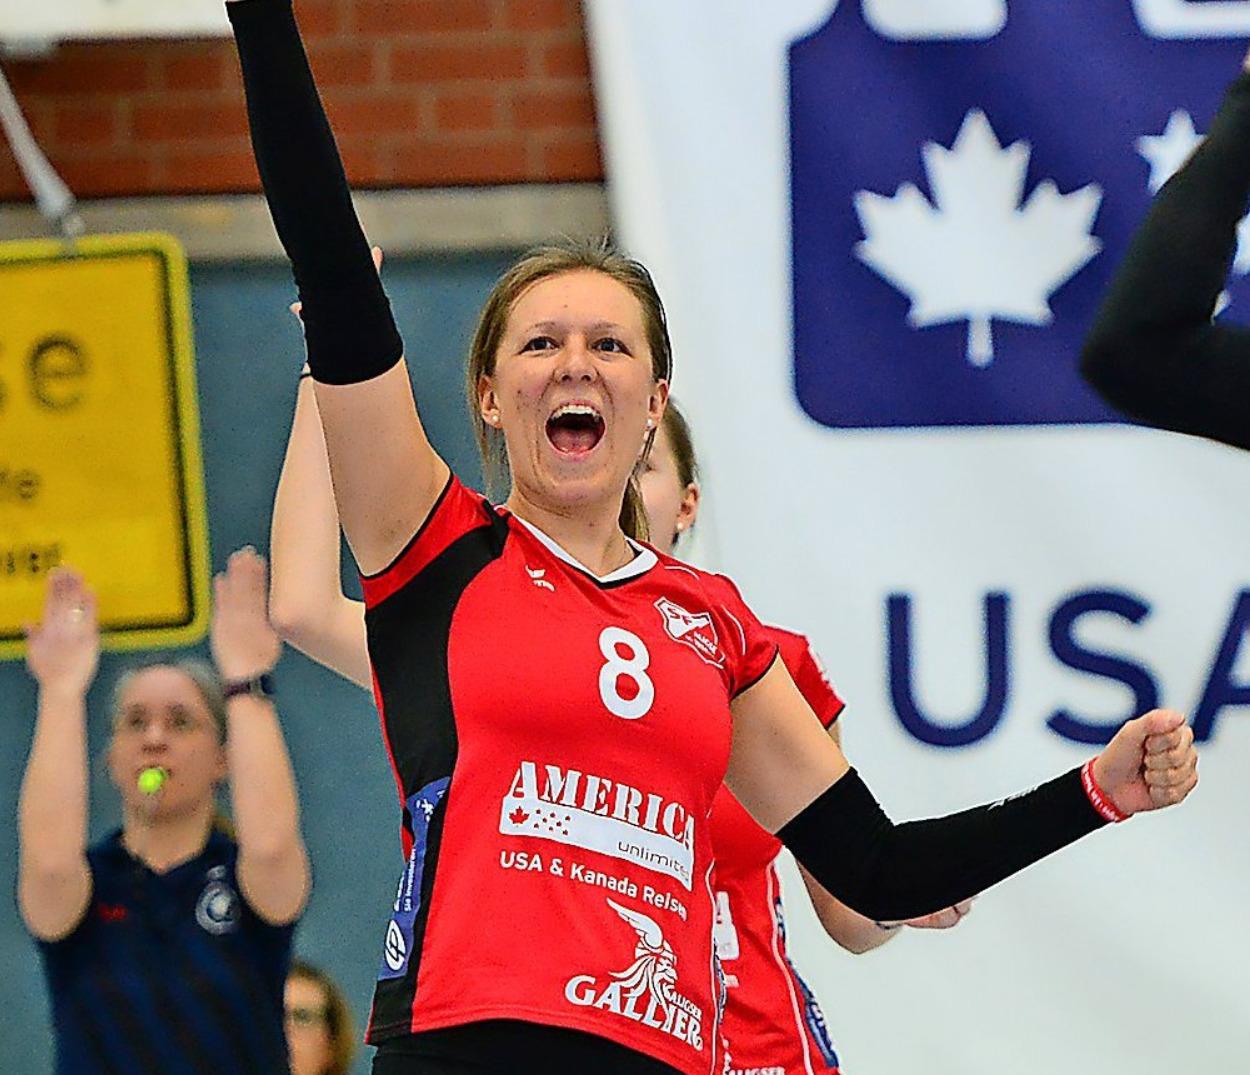 Aligse braucht viel PS – Frauen im Volleyball-Abstiegskampf – Schiri-Problem der Männer gelöst.